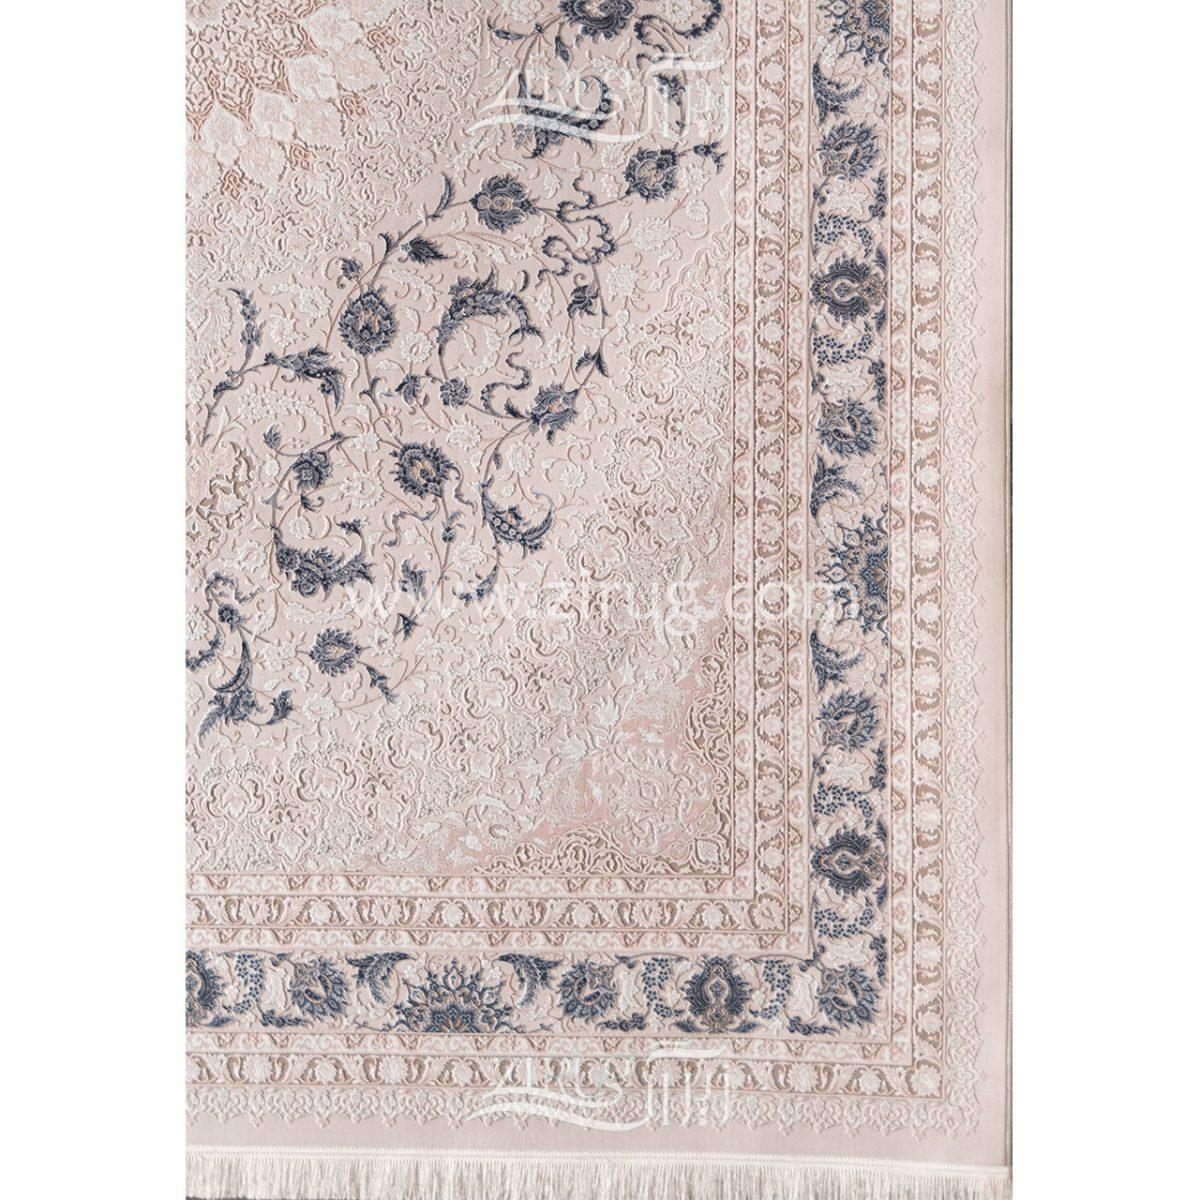 فرش ماشینی 1000 شانه کلکسیون آرامیس کد 1014 زمینه کرم گل برجسته بامبو